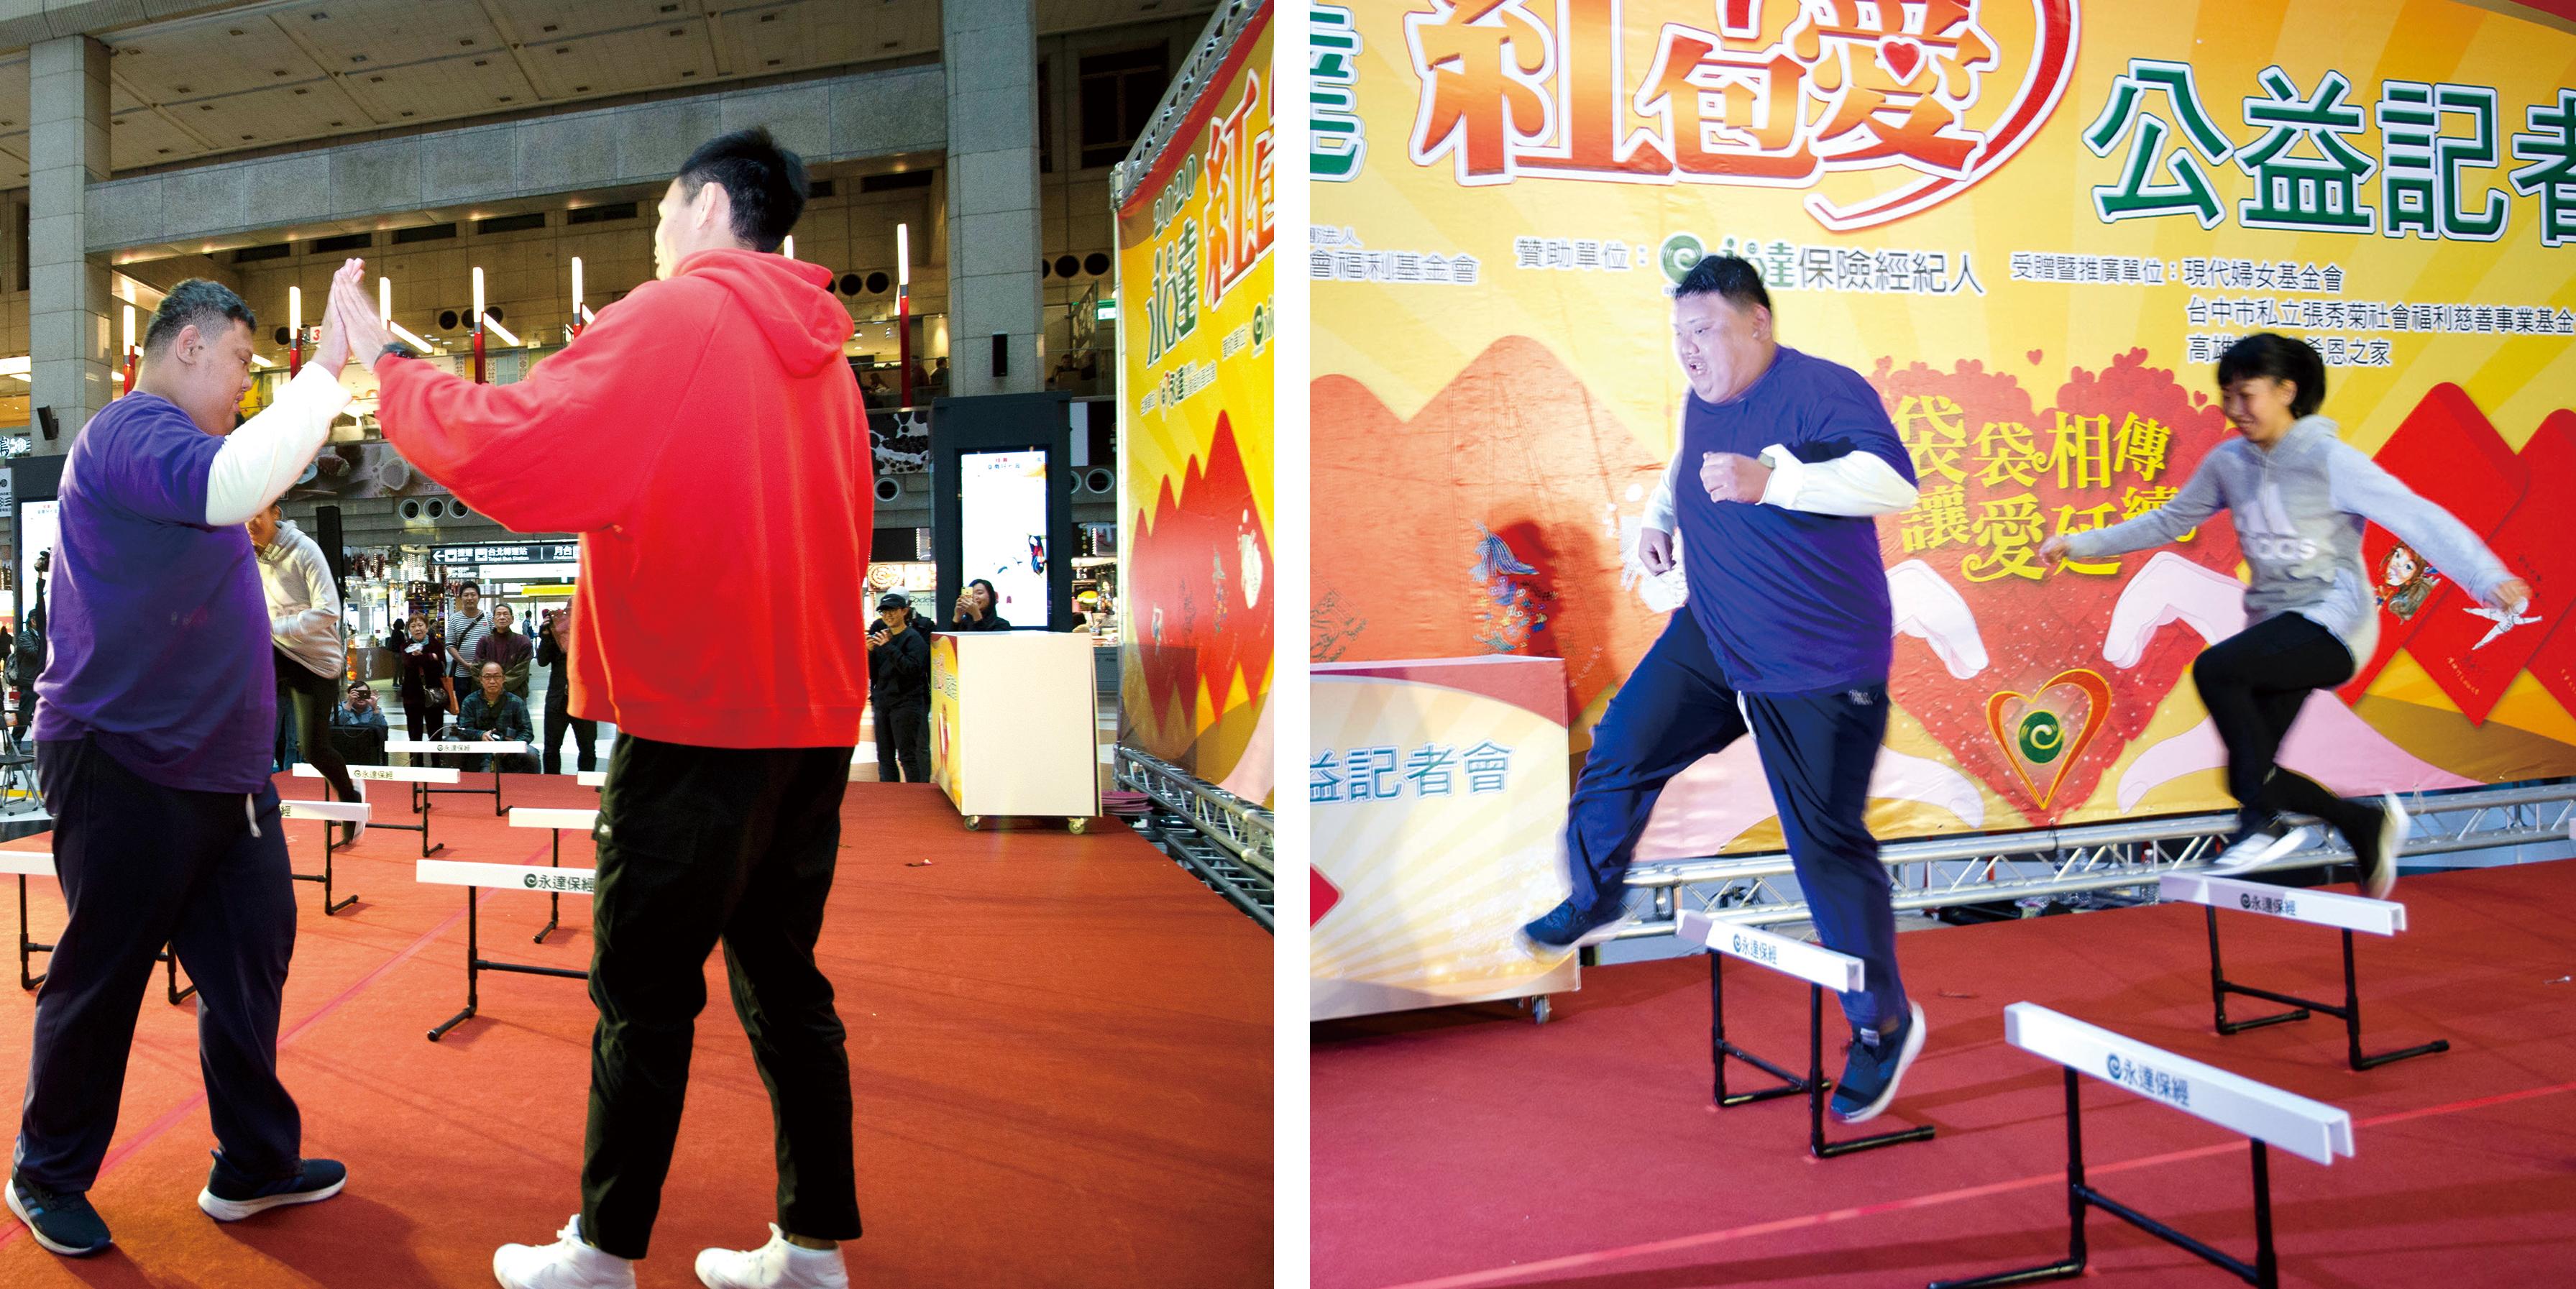 來自台東喀瑪國際慈善協會的個案大雄(左起),在陳奎儒及陳宇璿的鼓勵之下,現場完成「飛毛腿—閃電特快組」趣味競賽的挑戰。